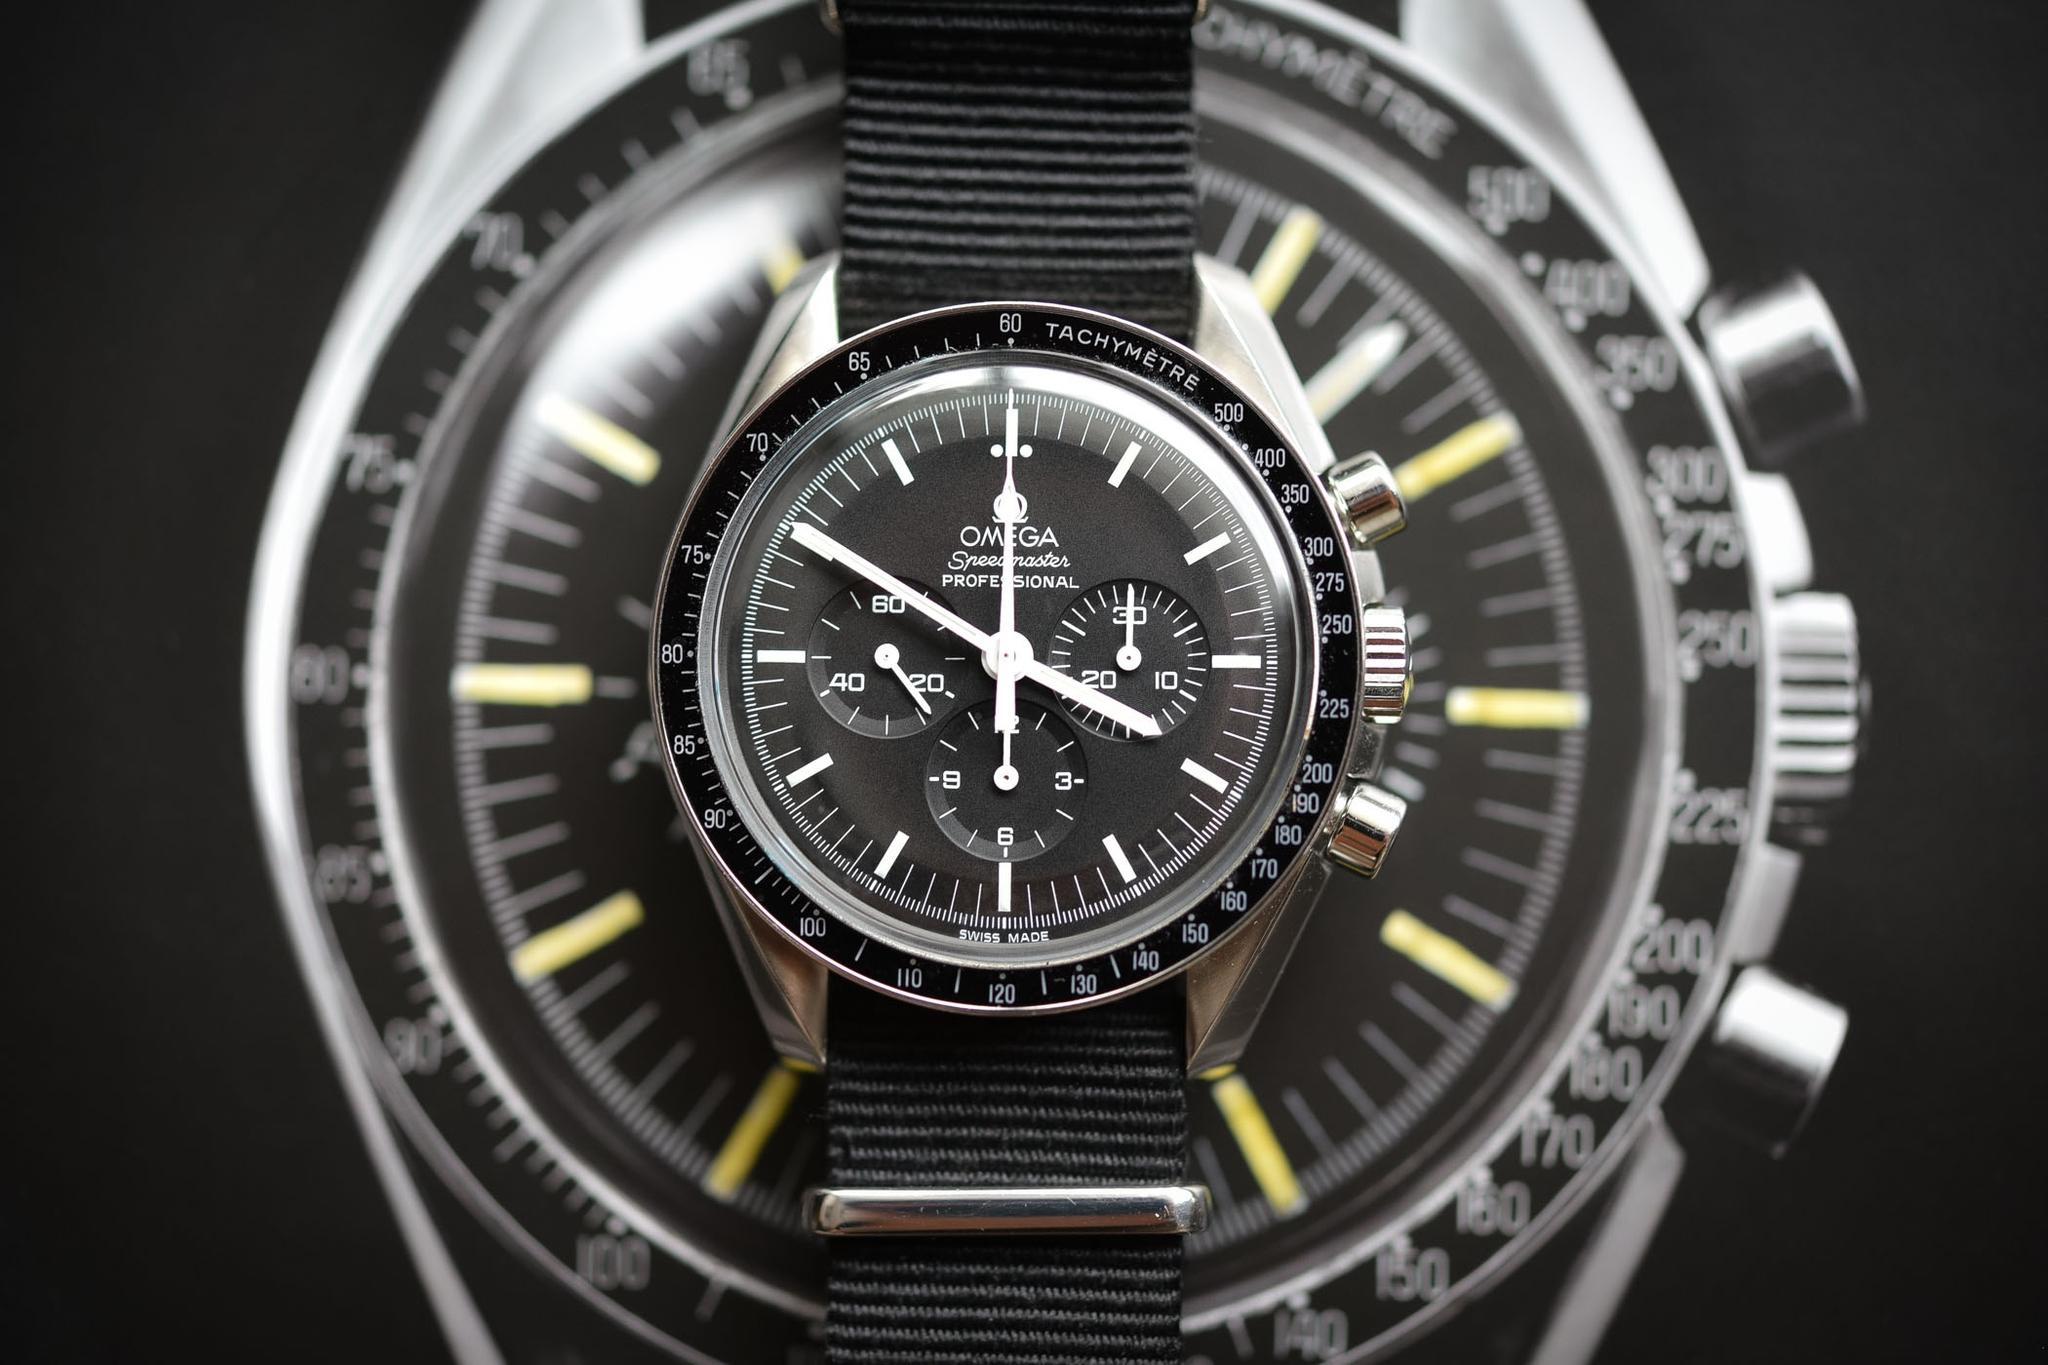 Huyền thoại đồng hồ Omega Speedmaster đã chinh phục những người nổi tiếng nào?